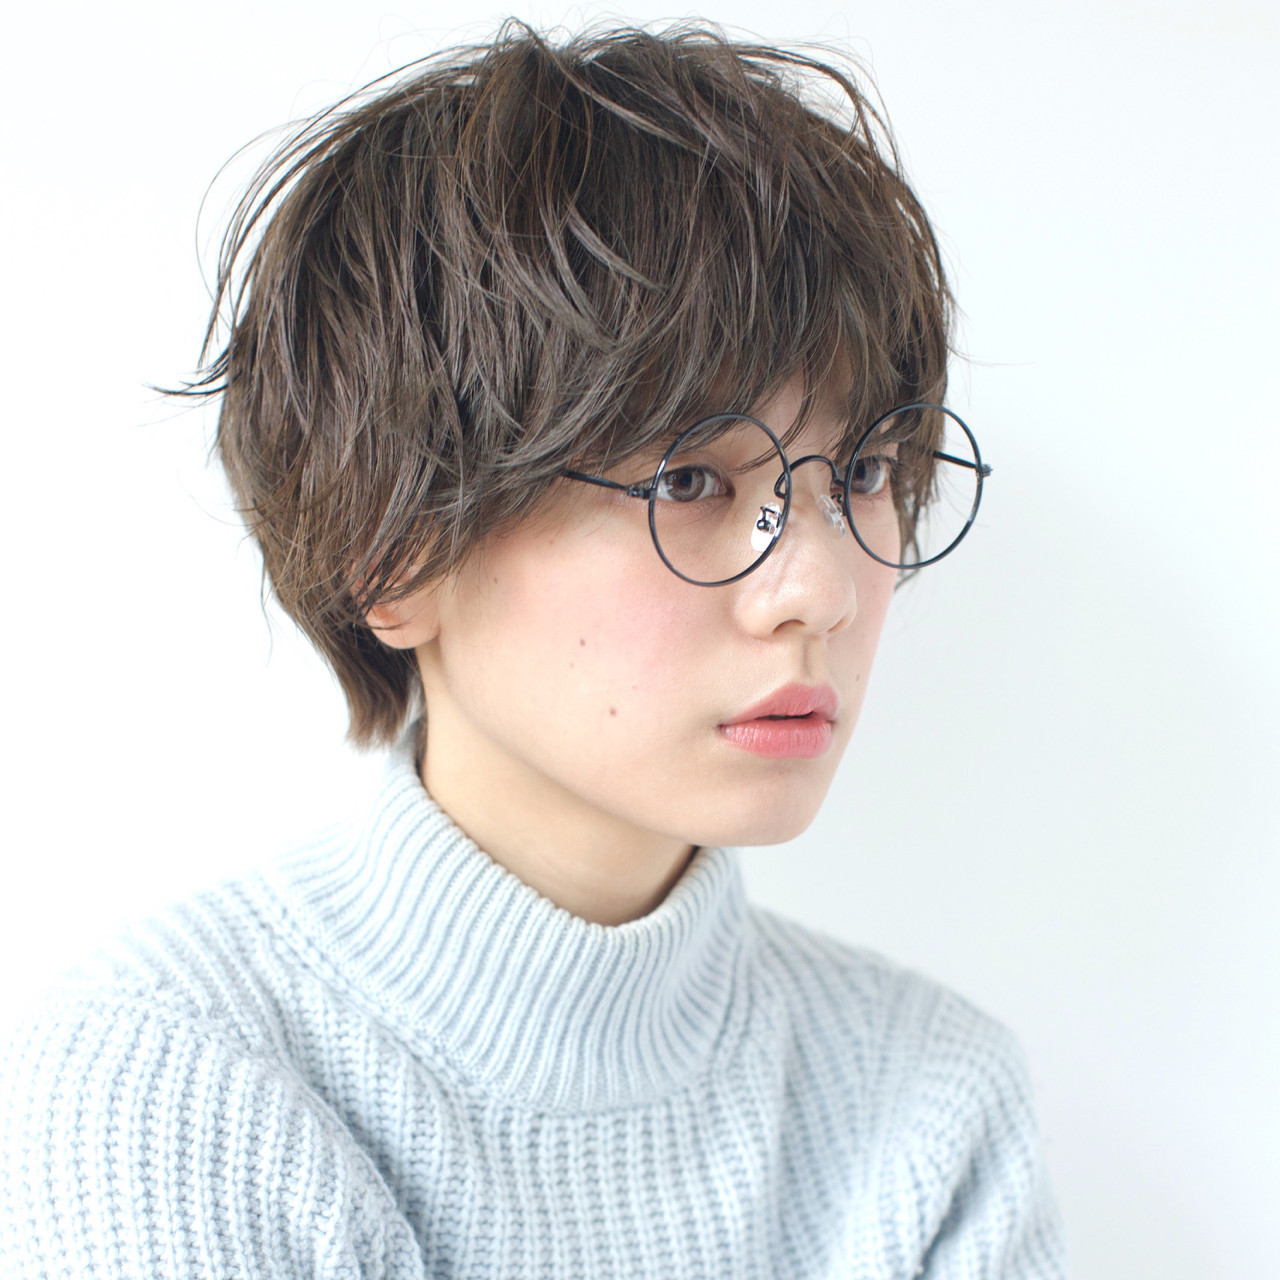 ニュアンスパーマが引魅力的♡アッシュベリーショート 佐脇 正徳